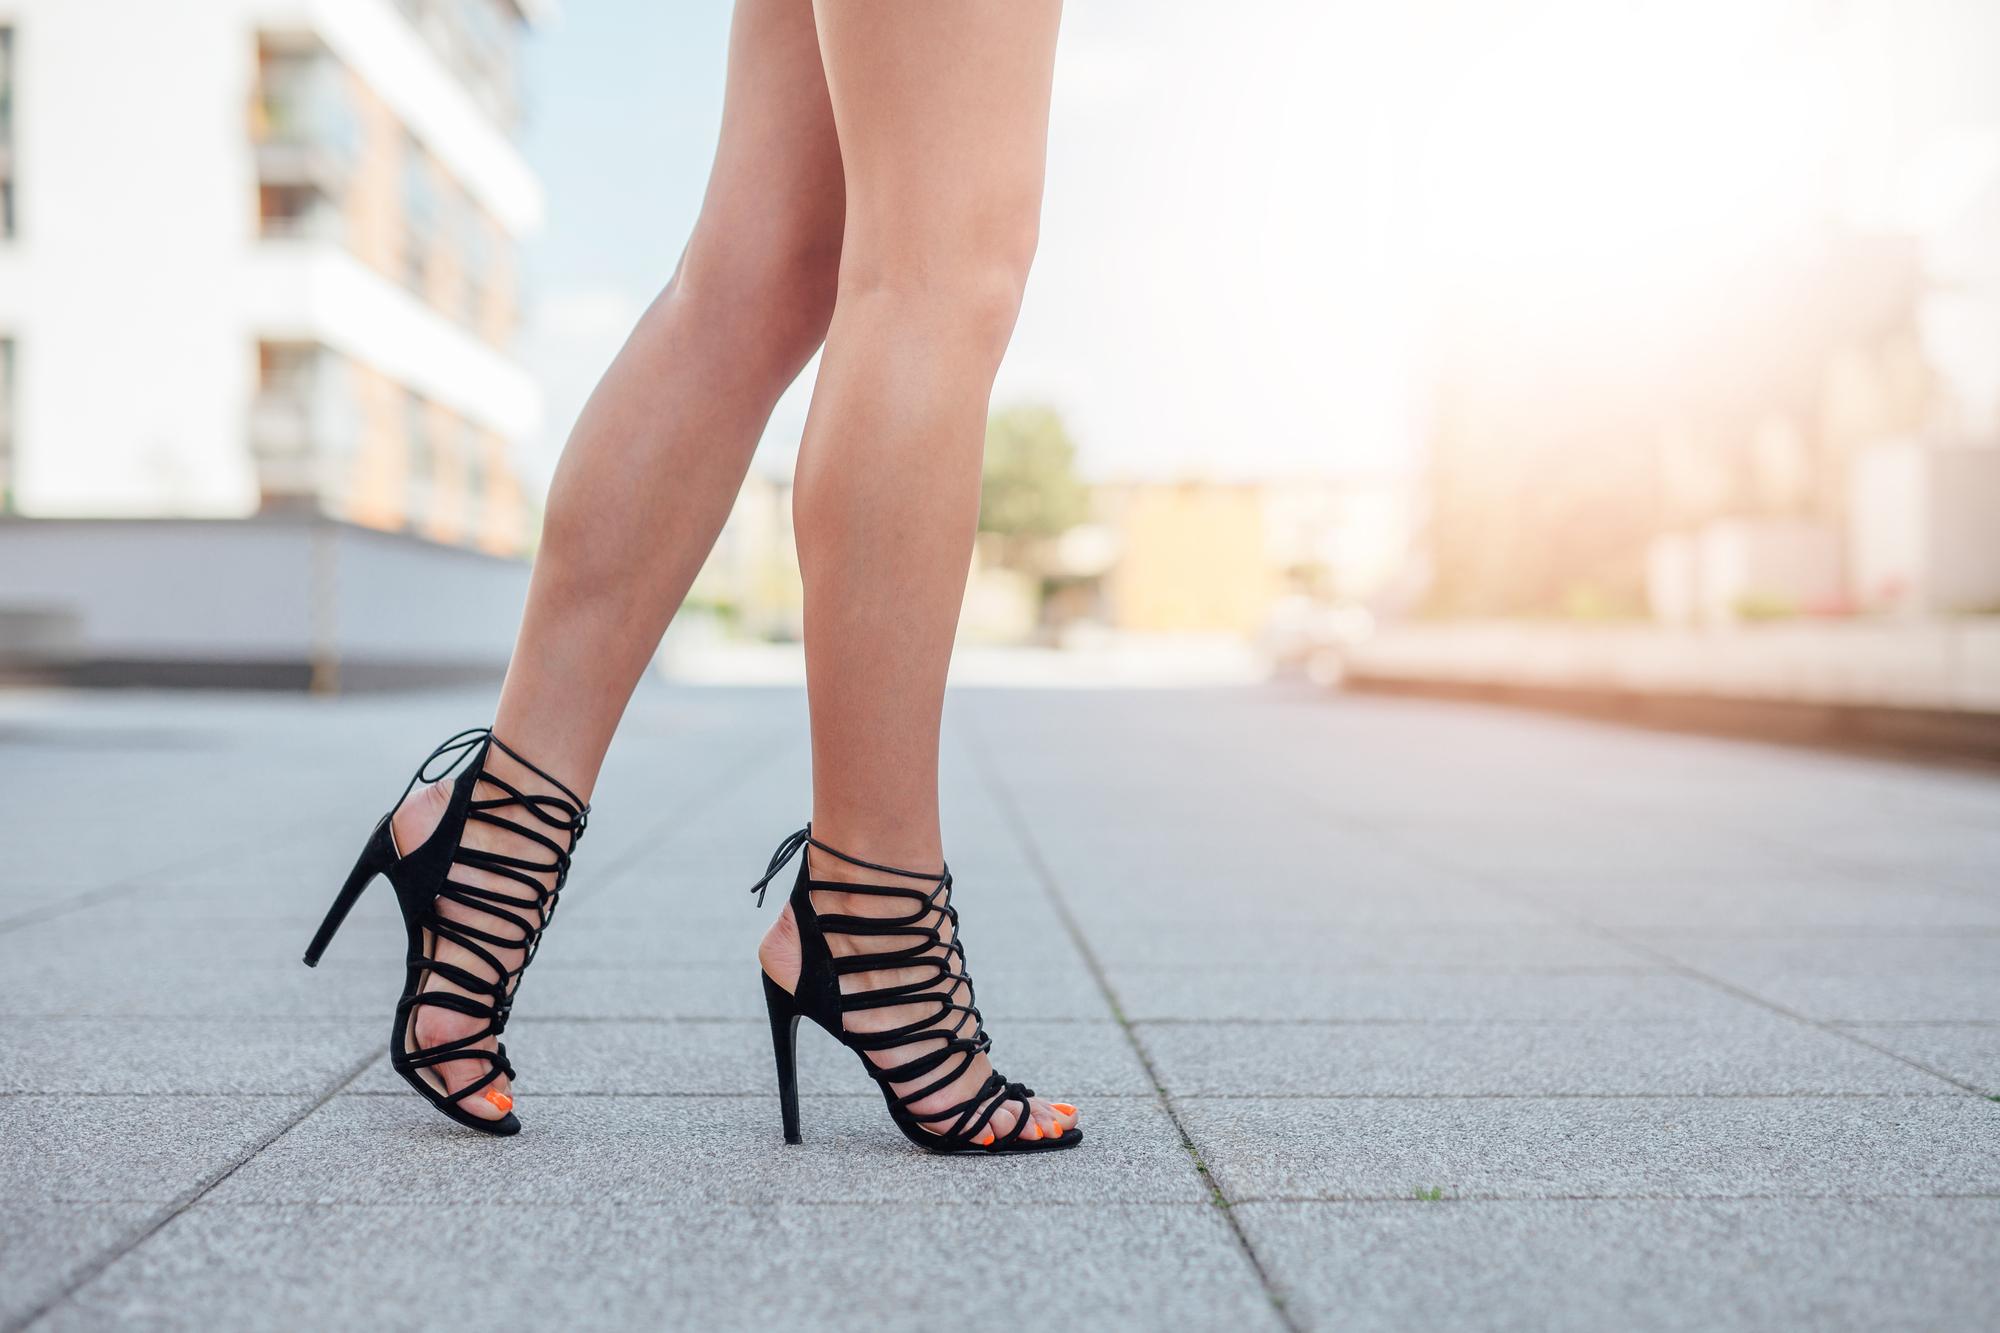 Супрун рассказала, как высокий каблук может навредить здоровью